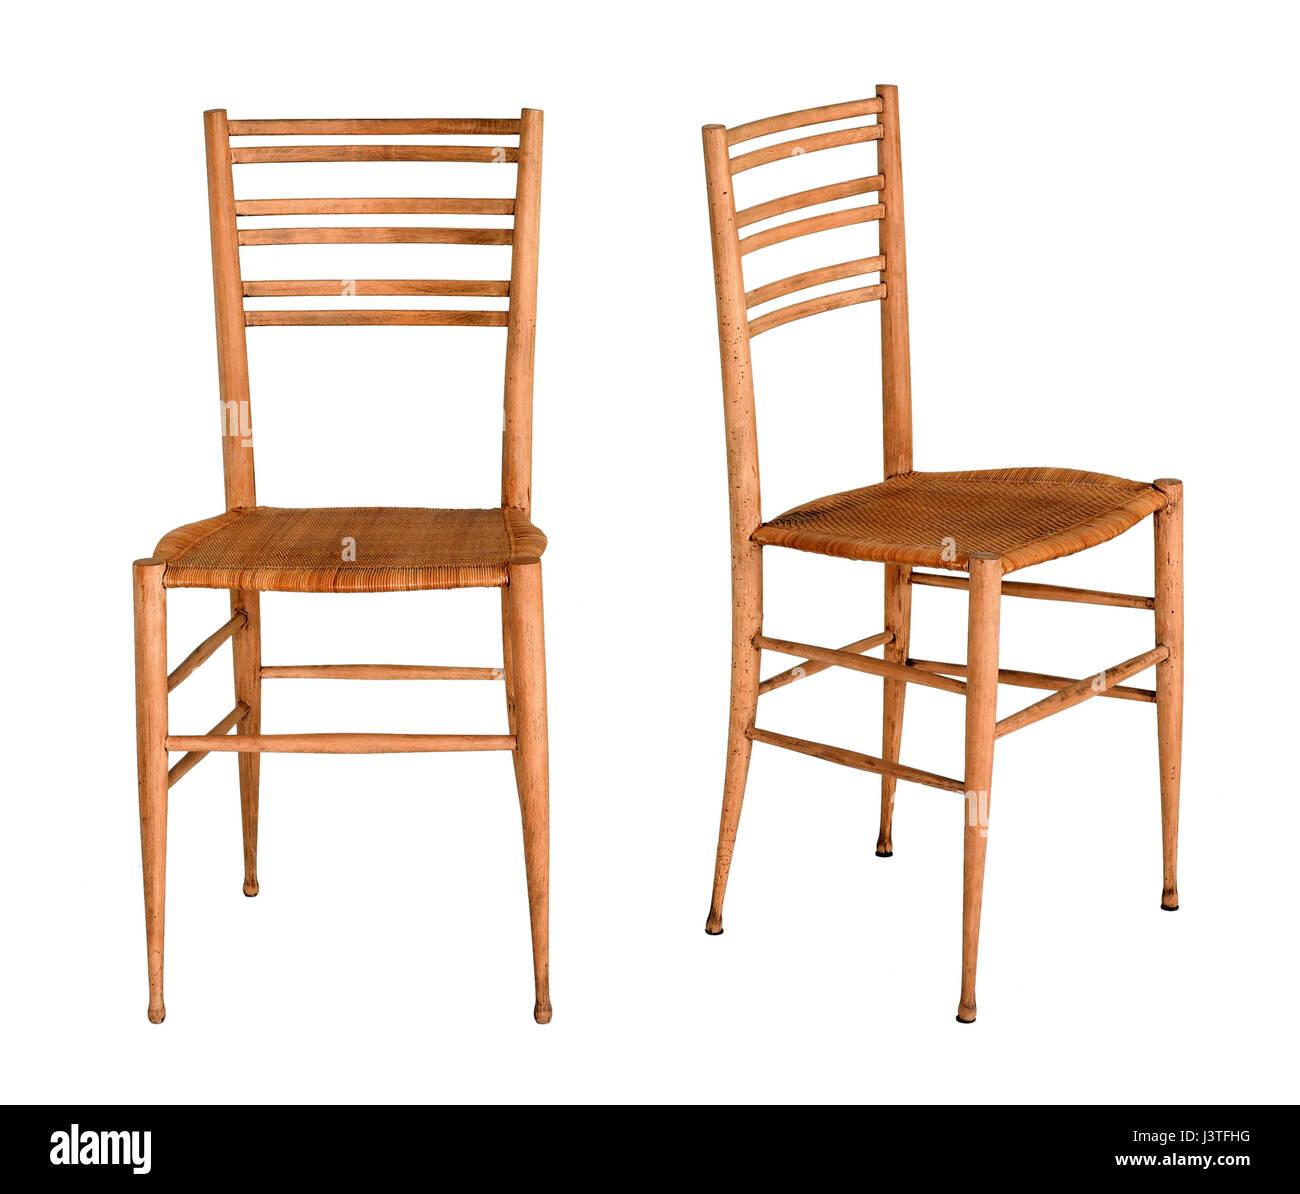 Deux fruitwood ou cuisine en bois simple chaise de salle à manger illustrée dans deux orientations isolated on white Banque D'Images